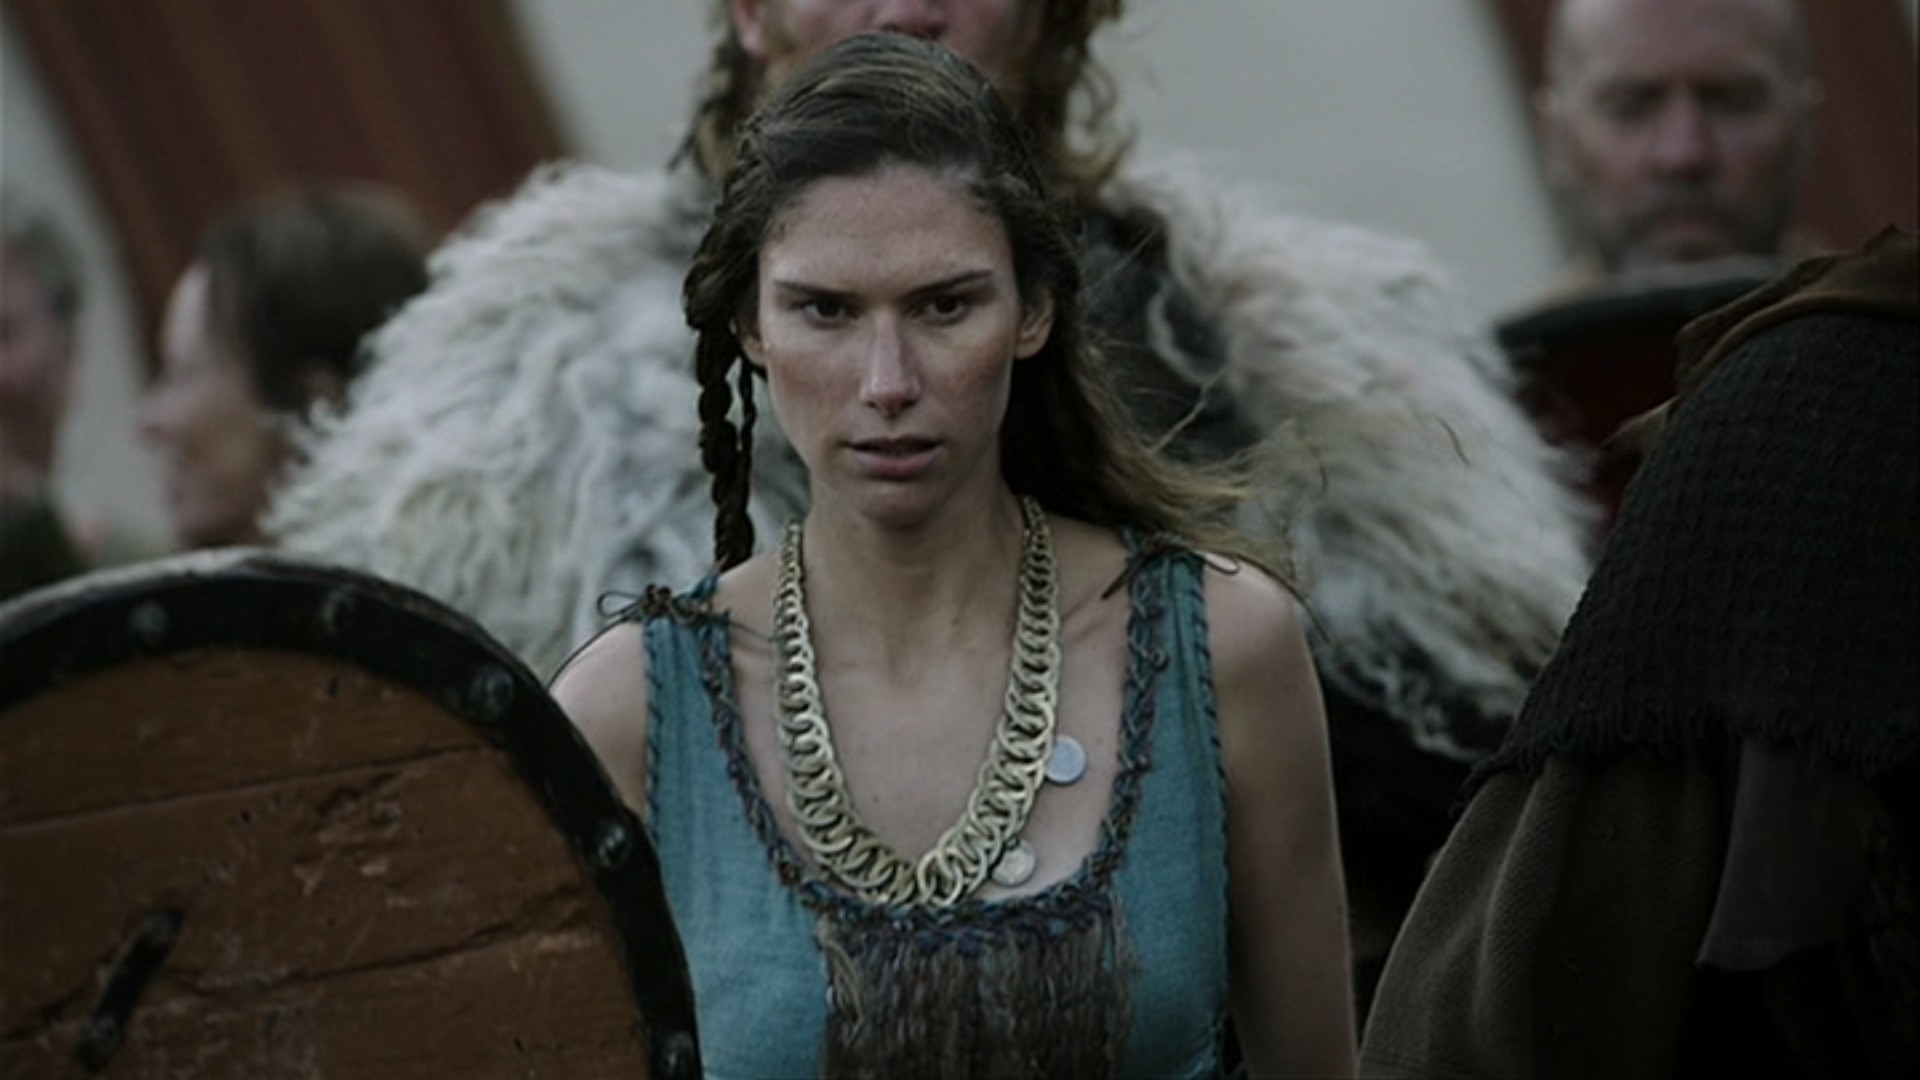 vikings-episode6-screencap-39